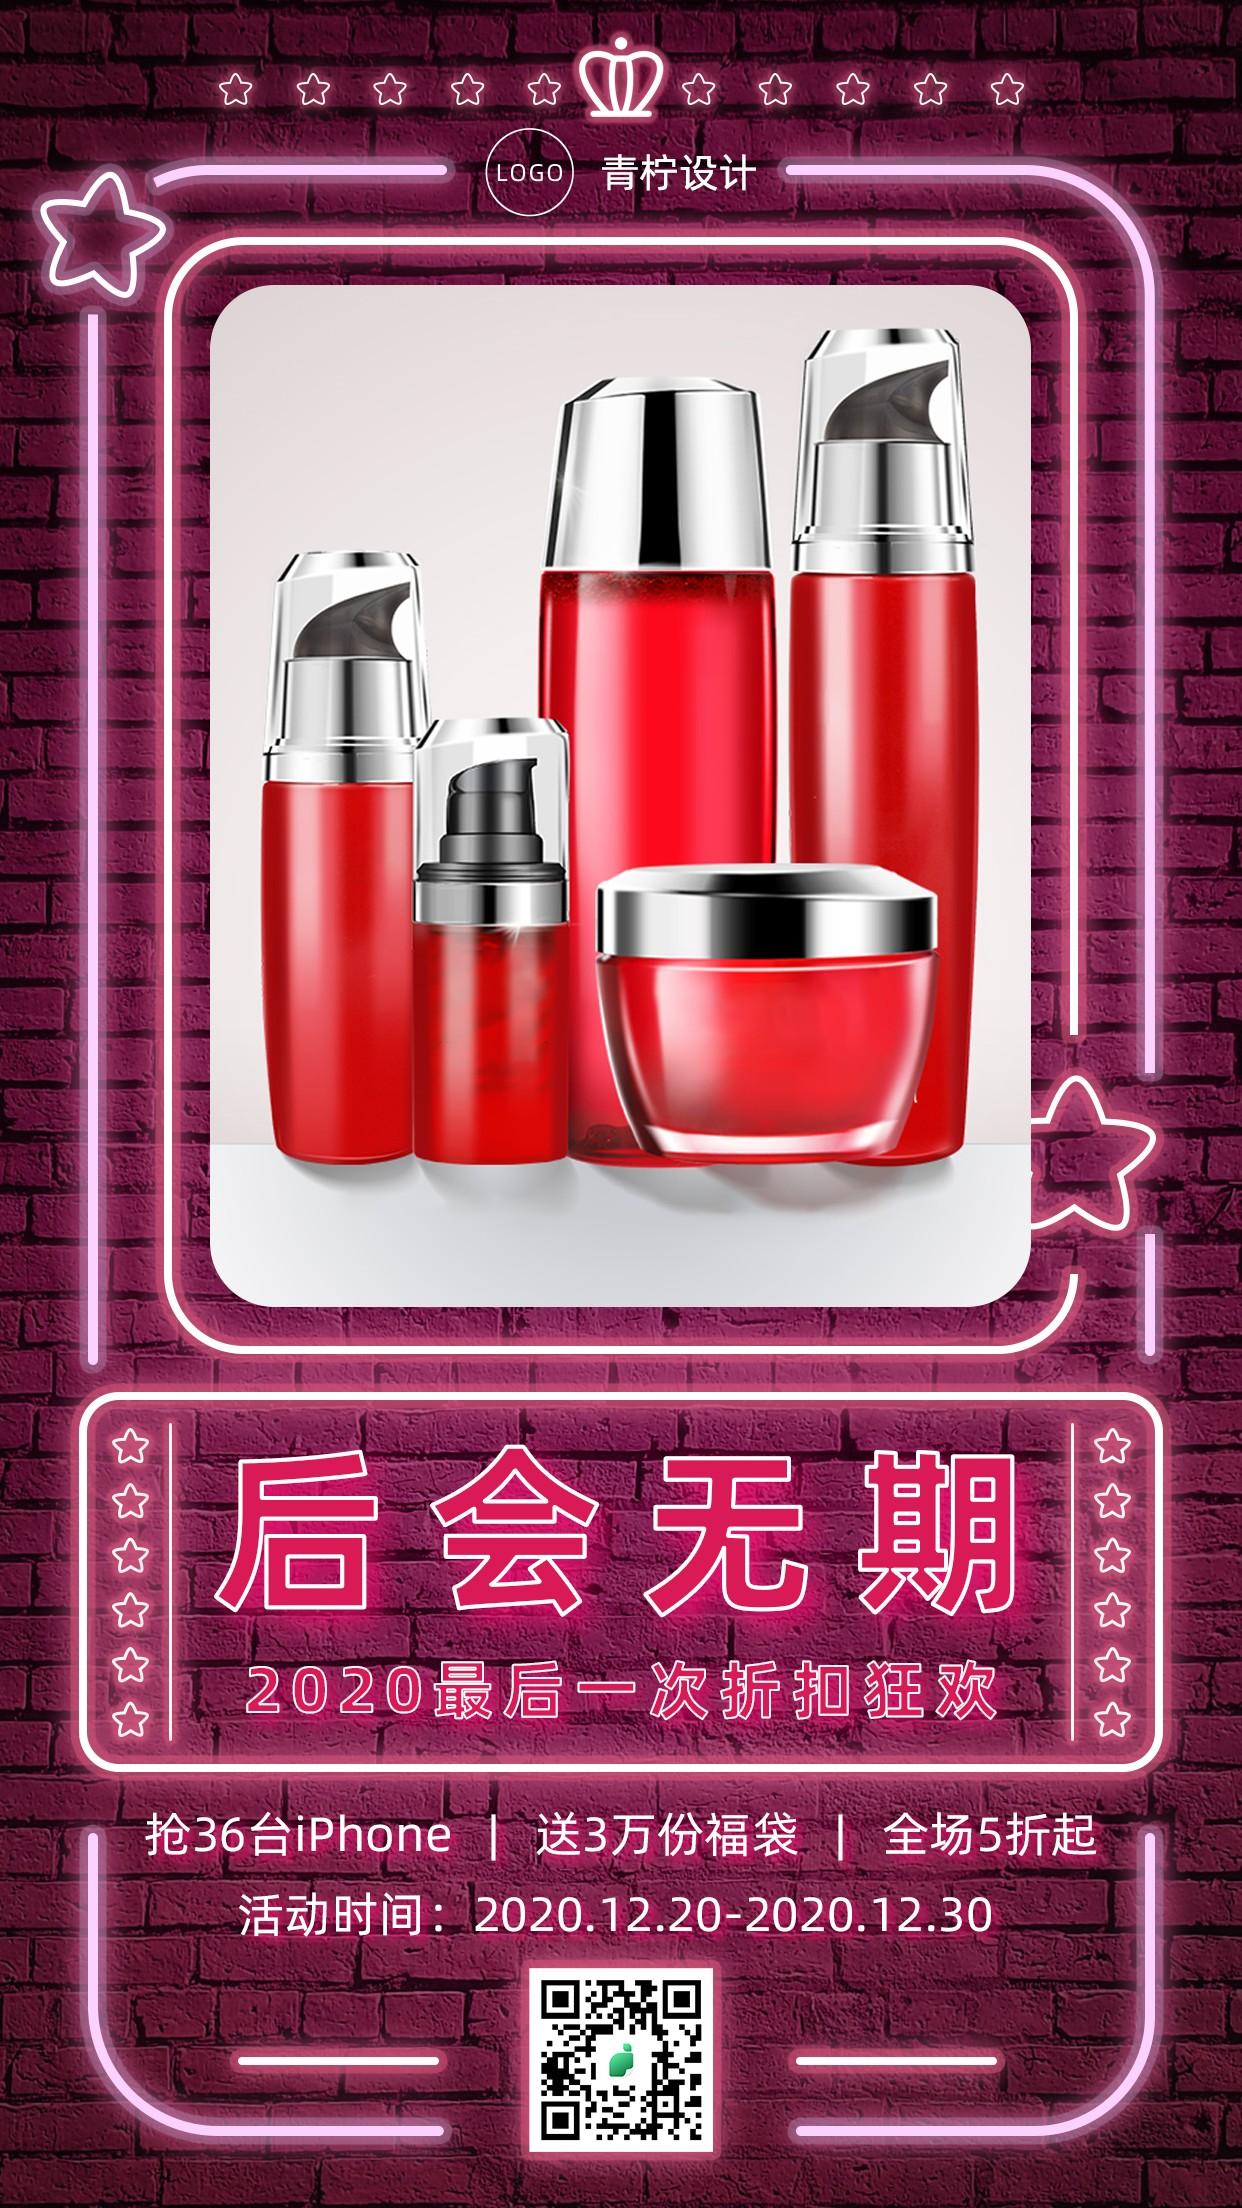 酷炫美容美妆推荐手机海报